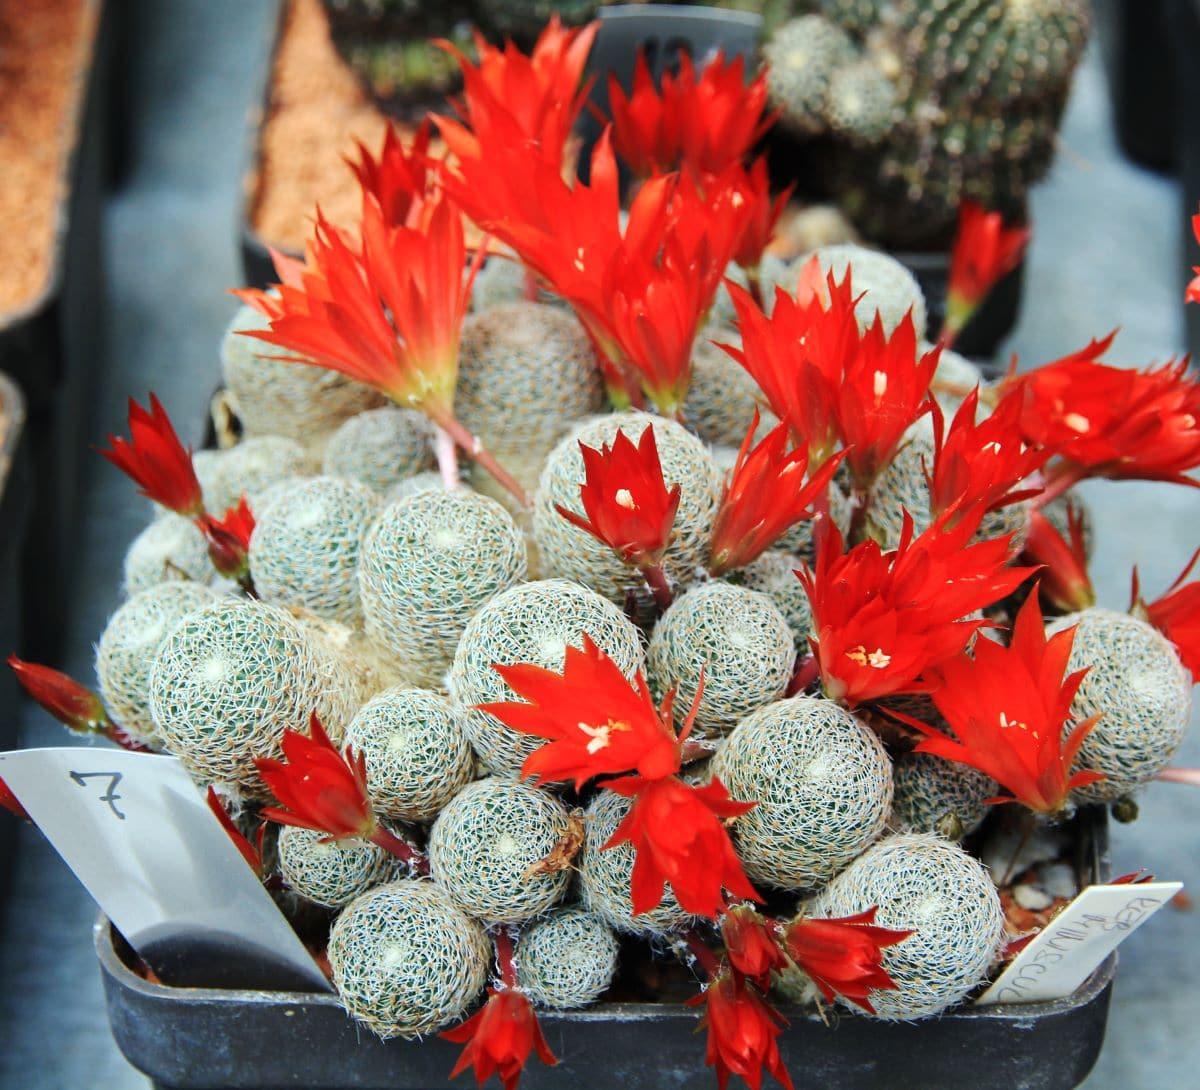 La Rebutia heliosa es un cactus pequeño